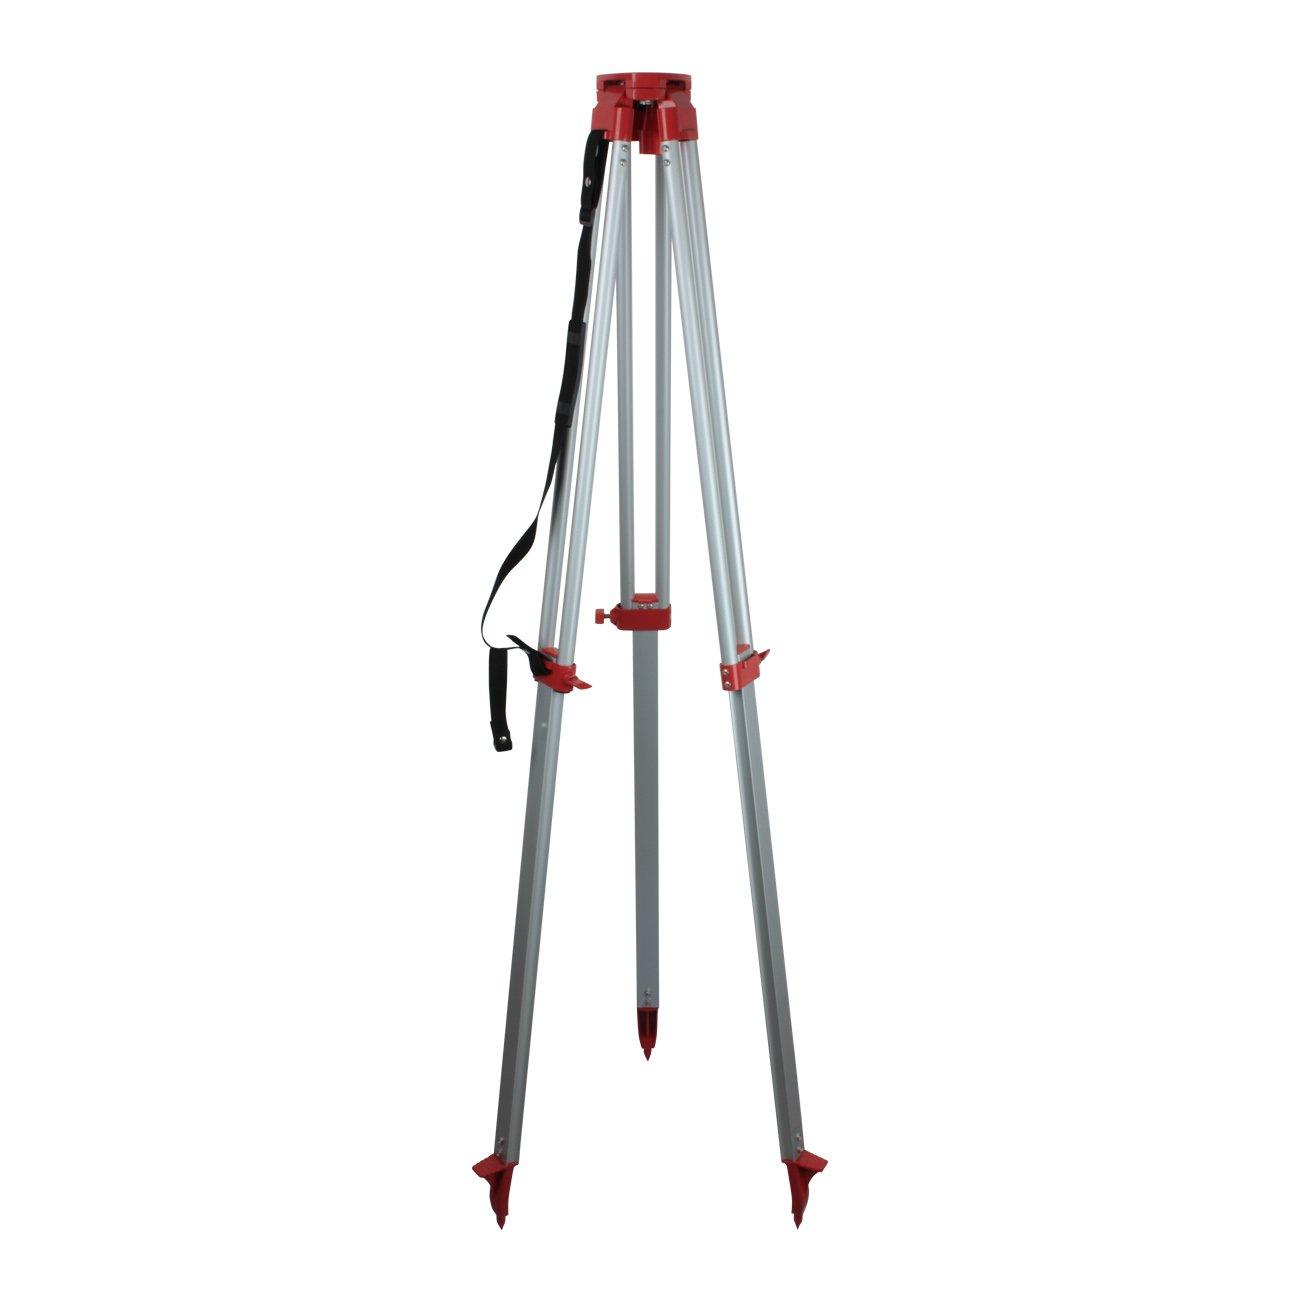 personnel de 5 m Ridgeyard rglable automatique auto nivellement Laser rotatif faisceau rouge niveau 1.63 aluminium trpied